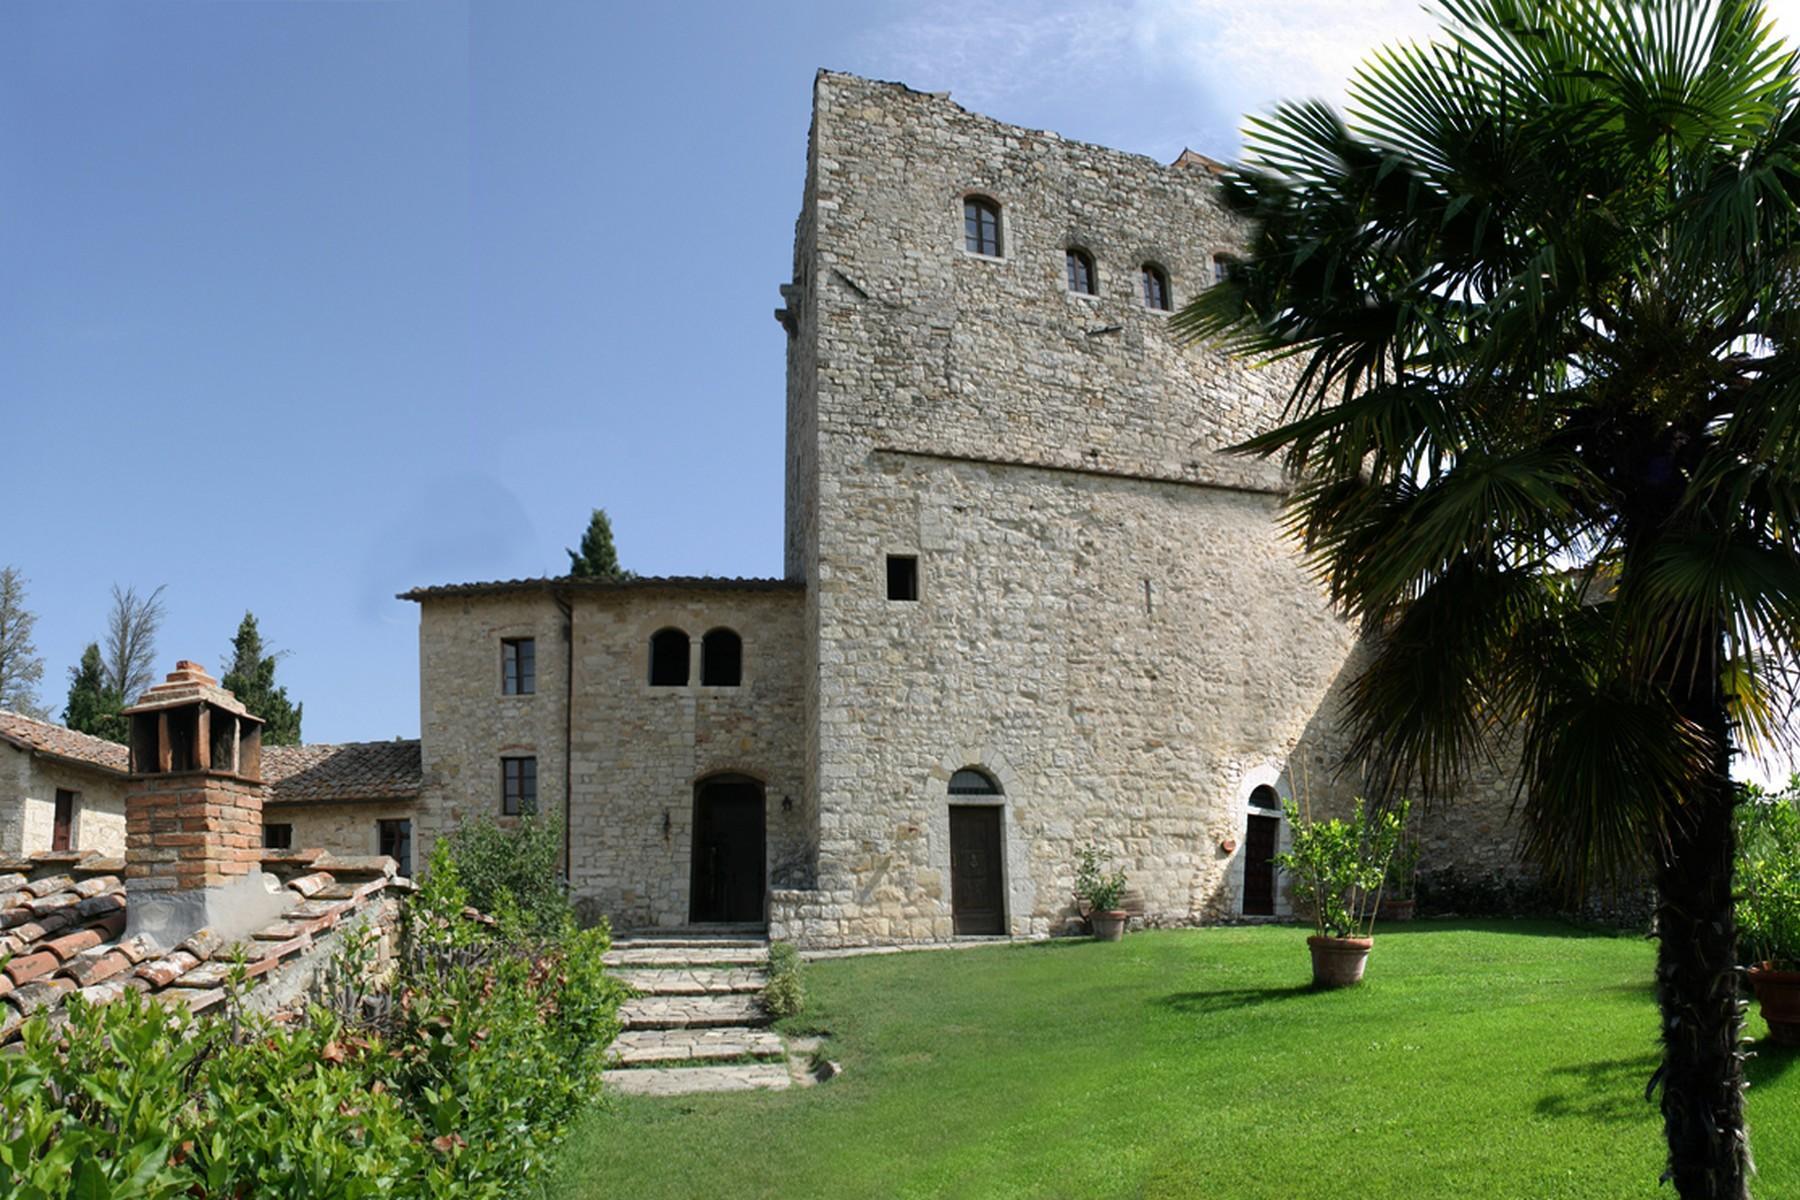 Exklusive Burg im Chianti Classico-Gebiet - 5